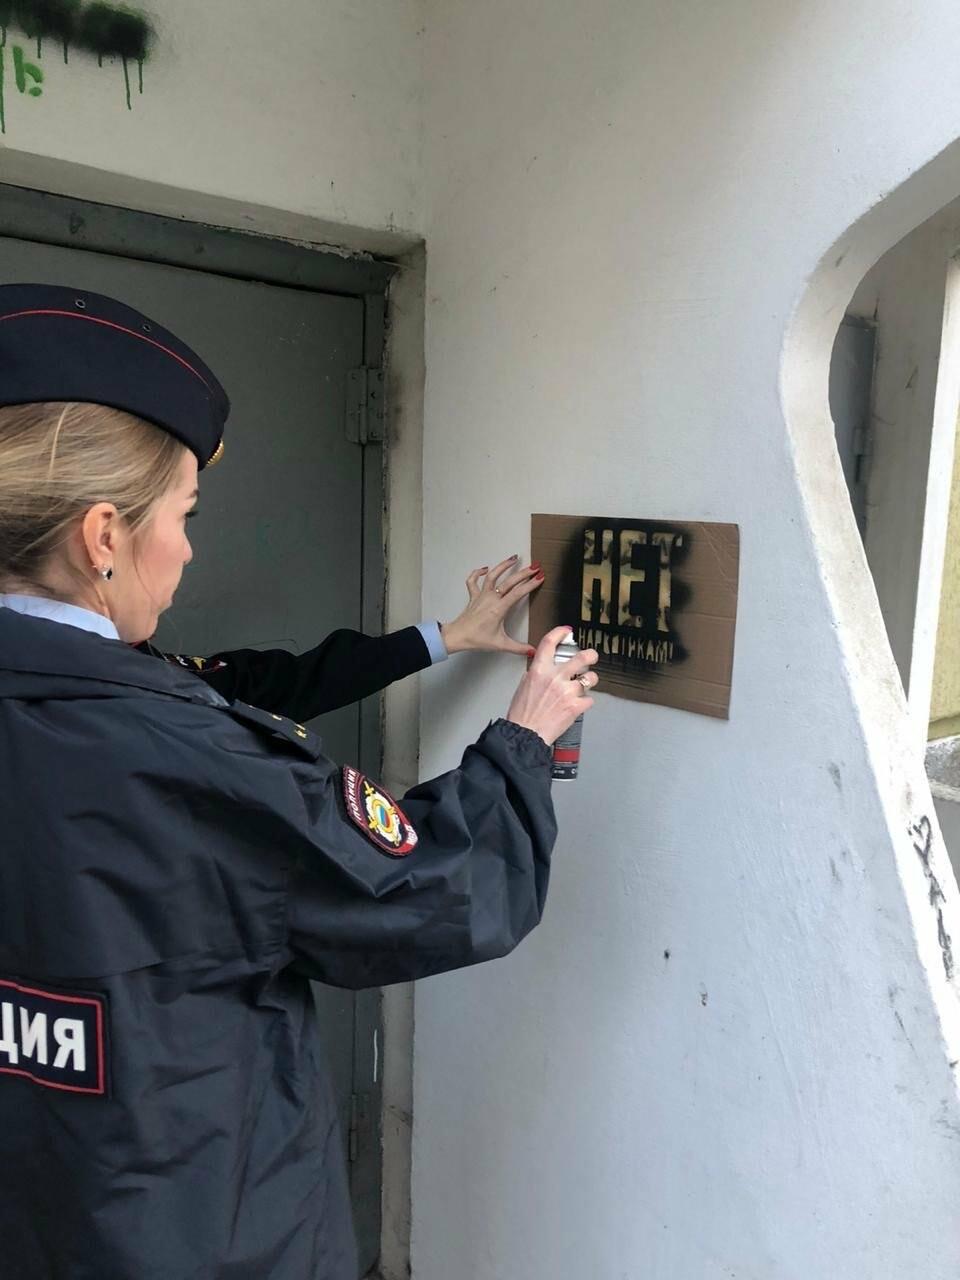 В Ялте  провели рейд по закрашиванию надписей с рекламой наркотиков, фото-4